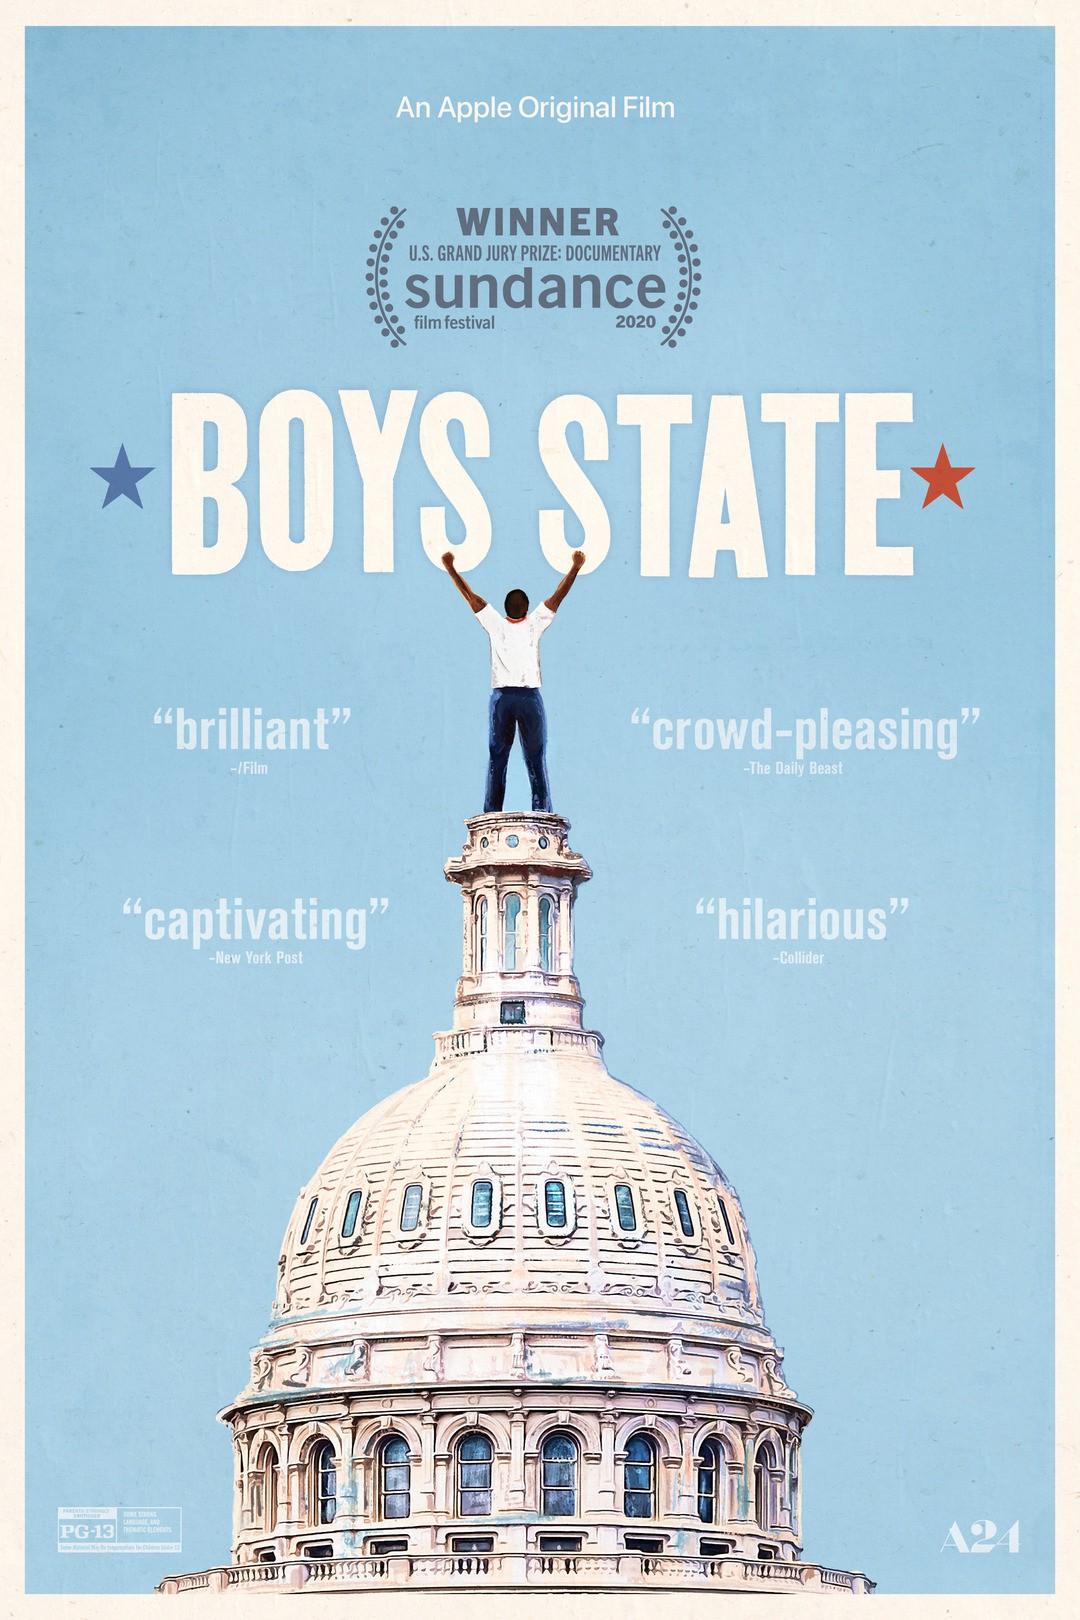 Boys State Trailer - Bild 1 von 9